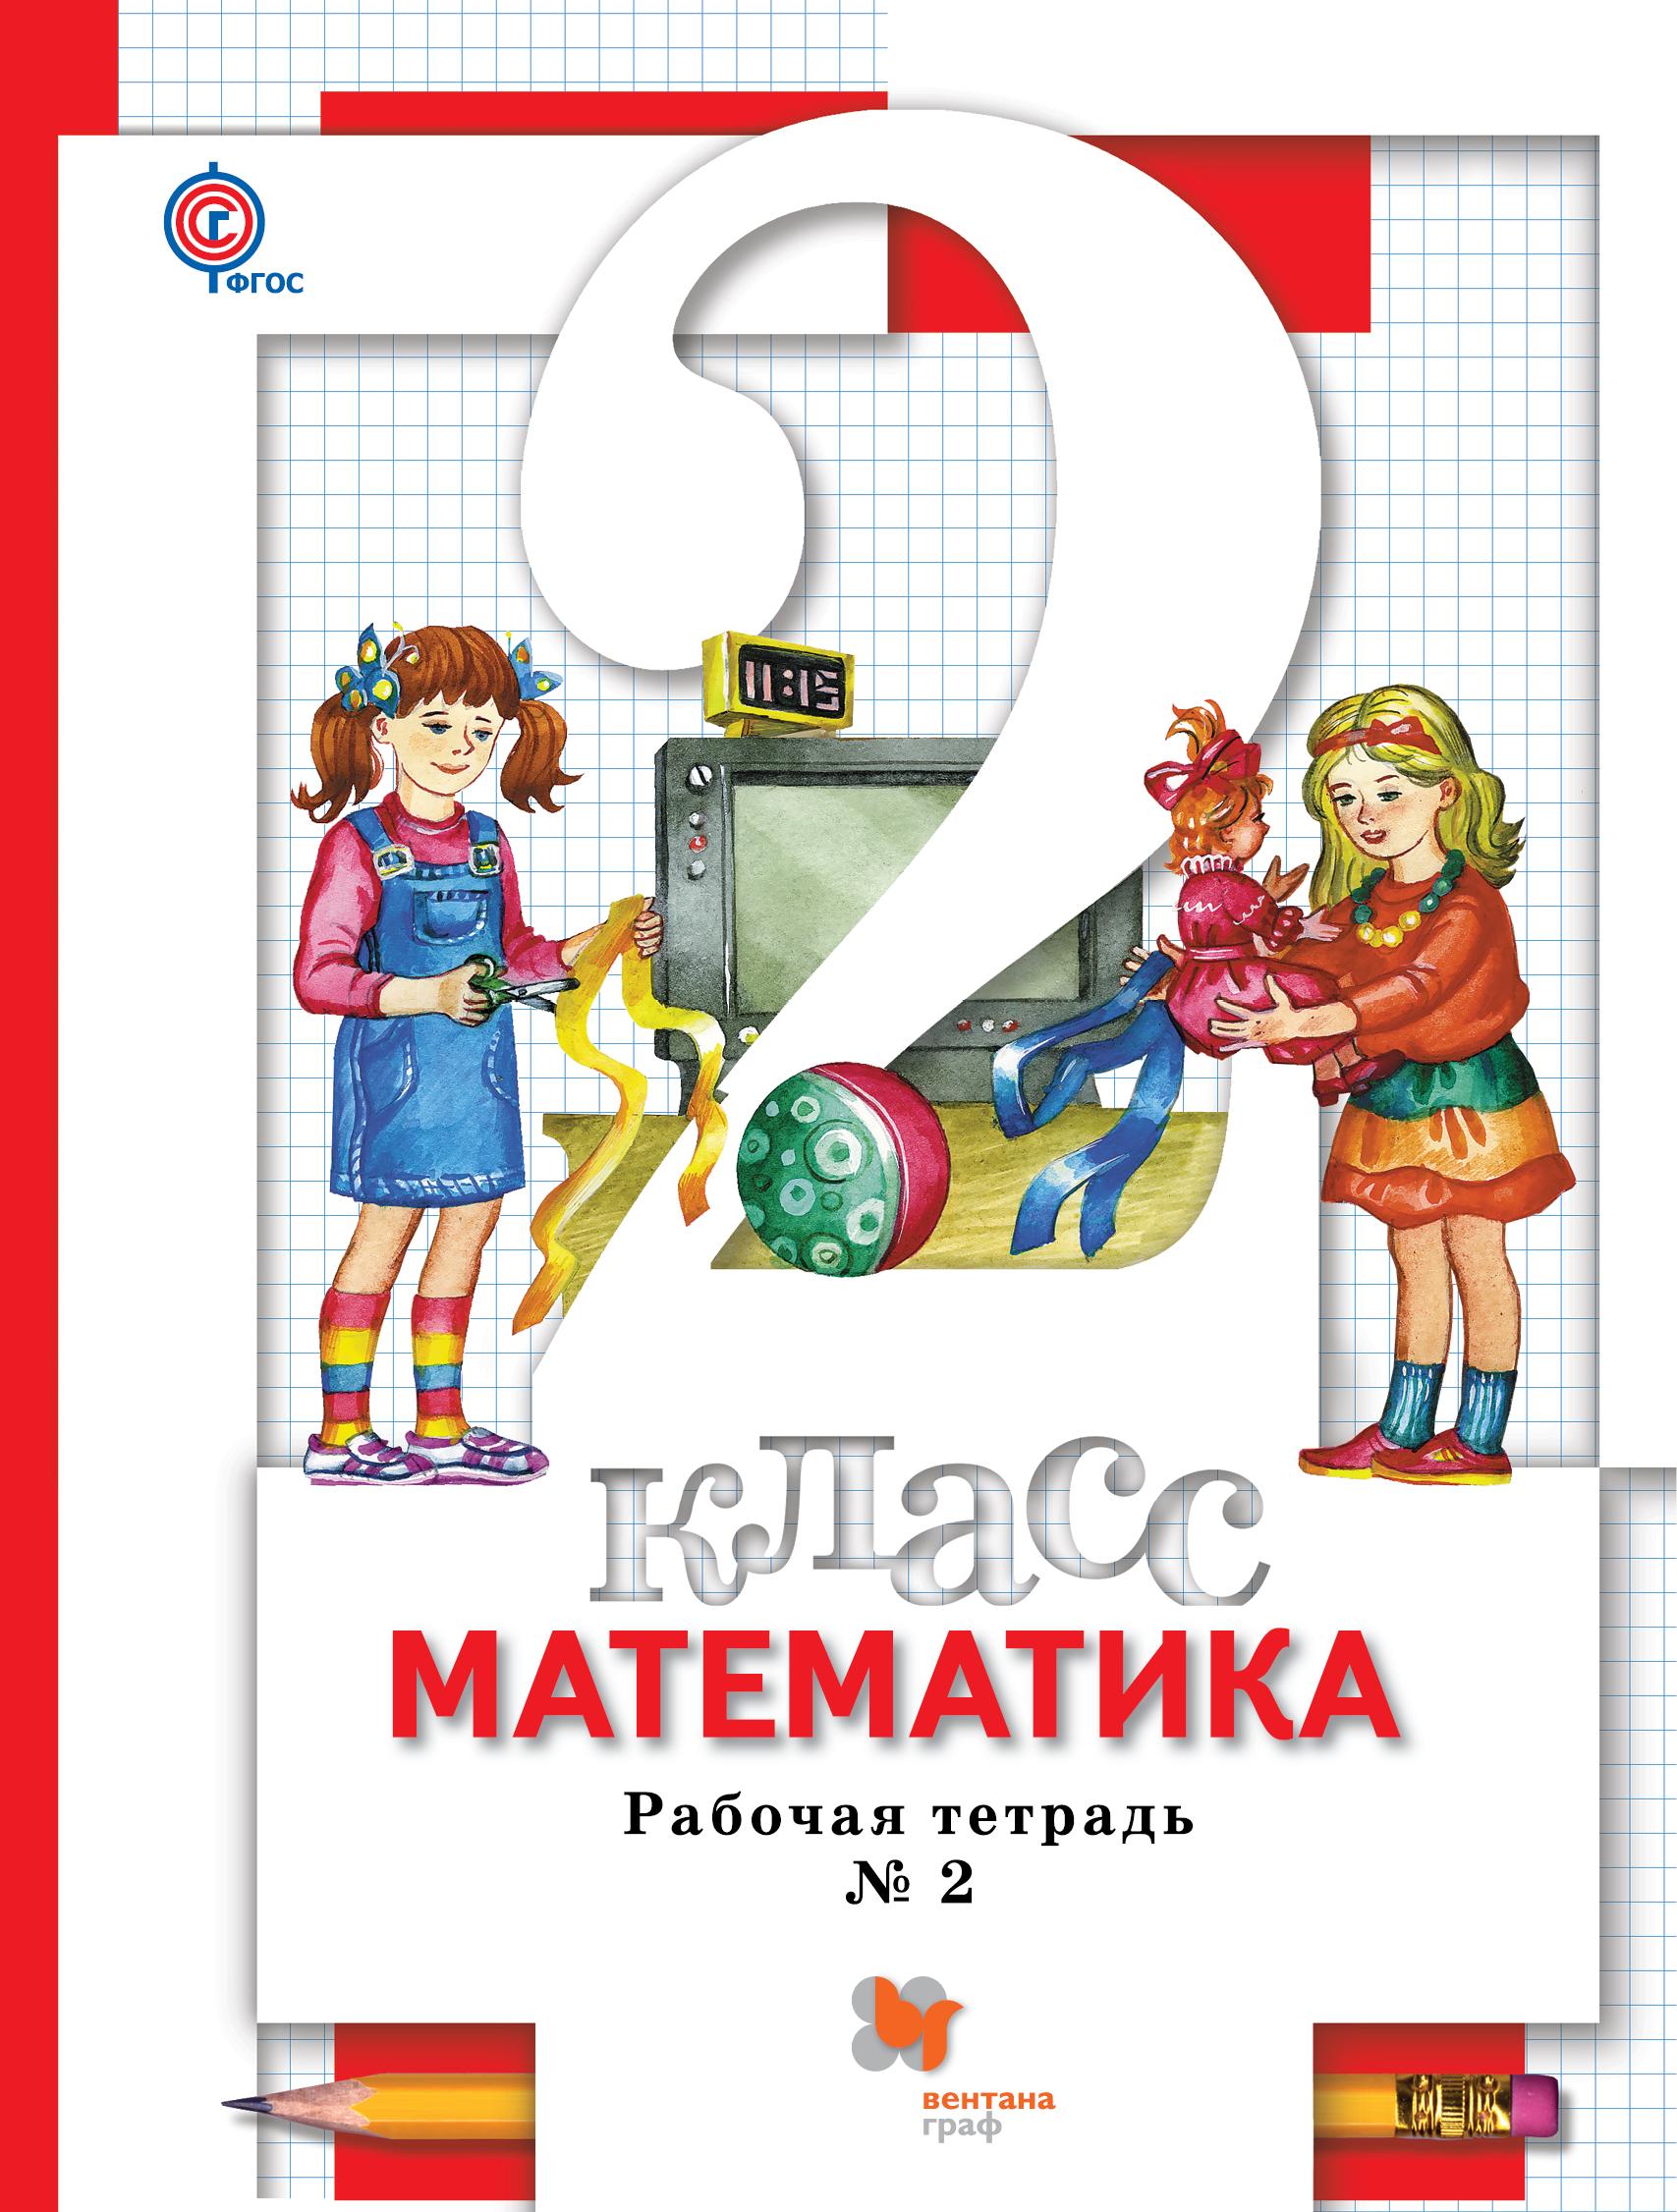 С. С. Минаева, Е. Н. Зяблова Математика. 2класс. Рабочая тетрадь №2 минаева с зяблова е математика 2 класс рабочая тетрадь 2